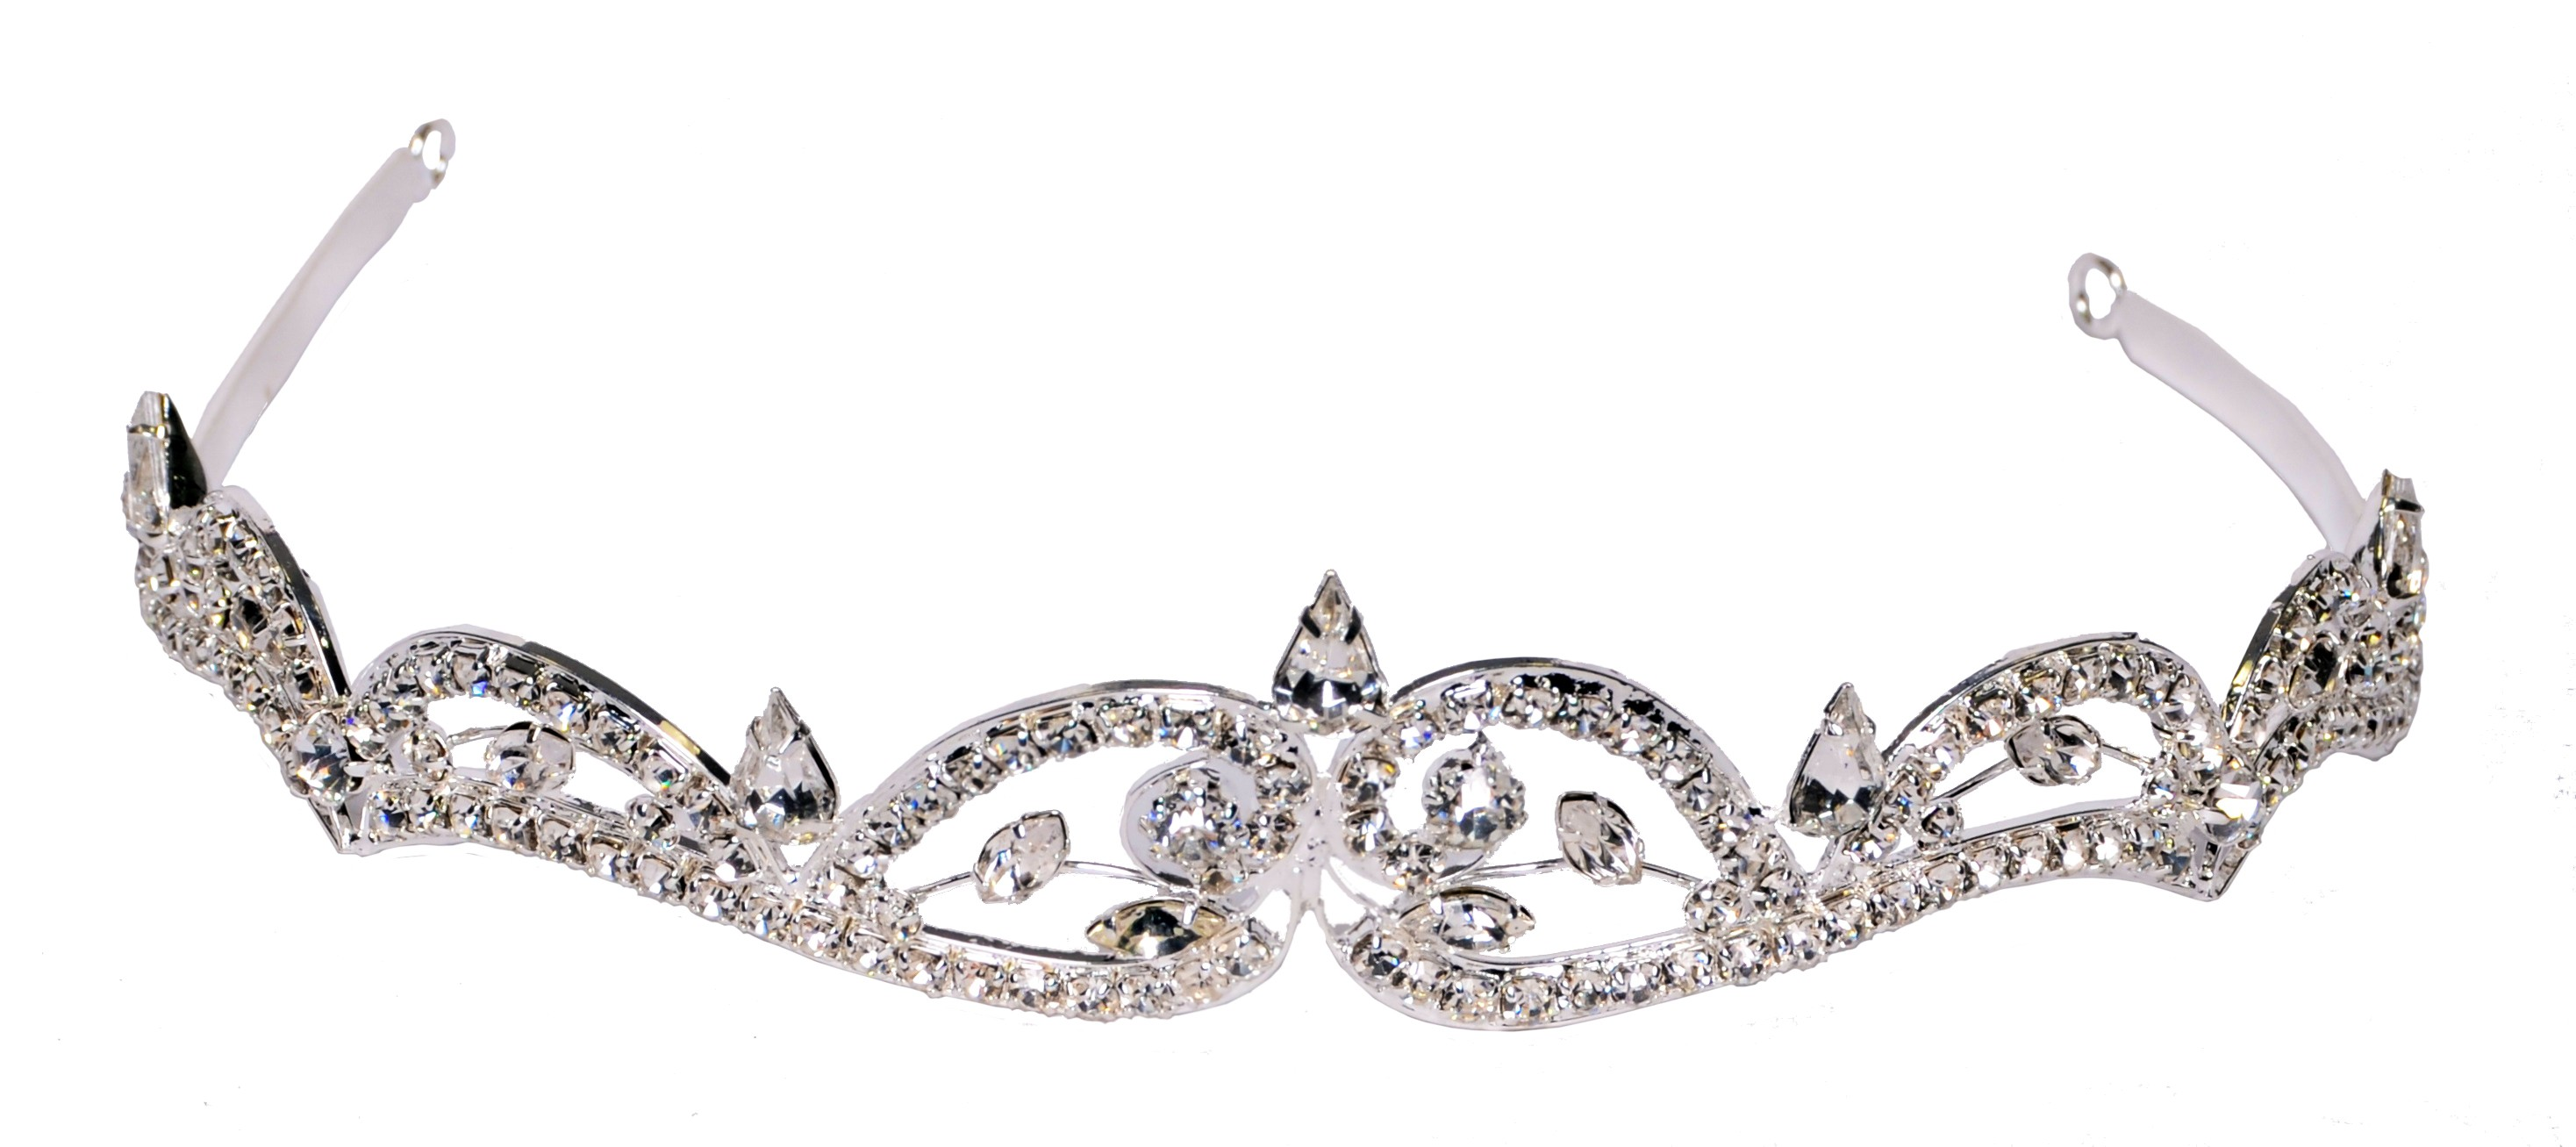 Blair tiara